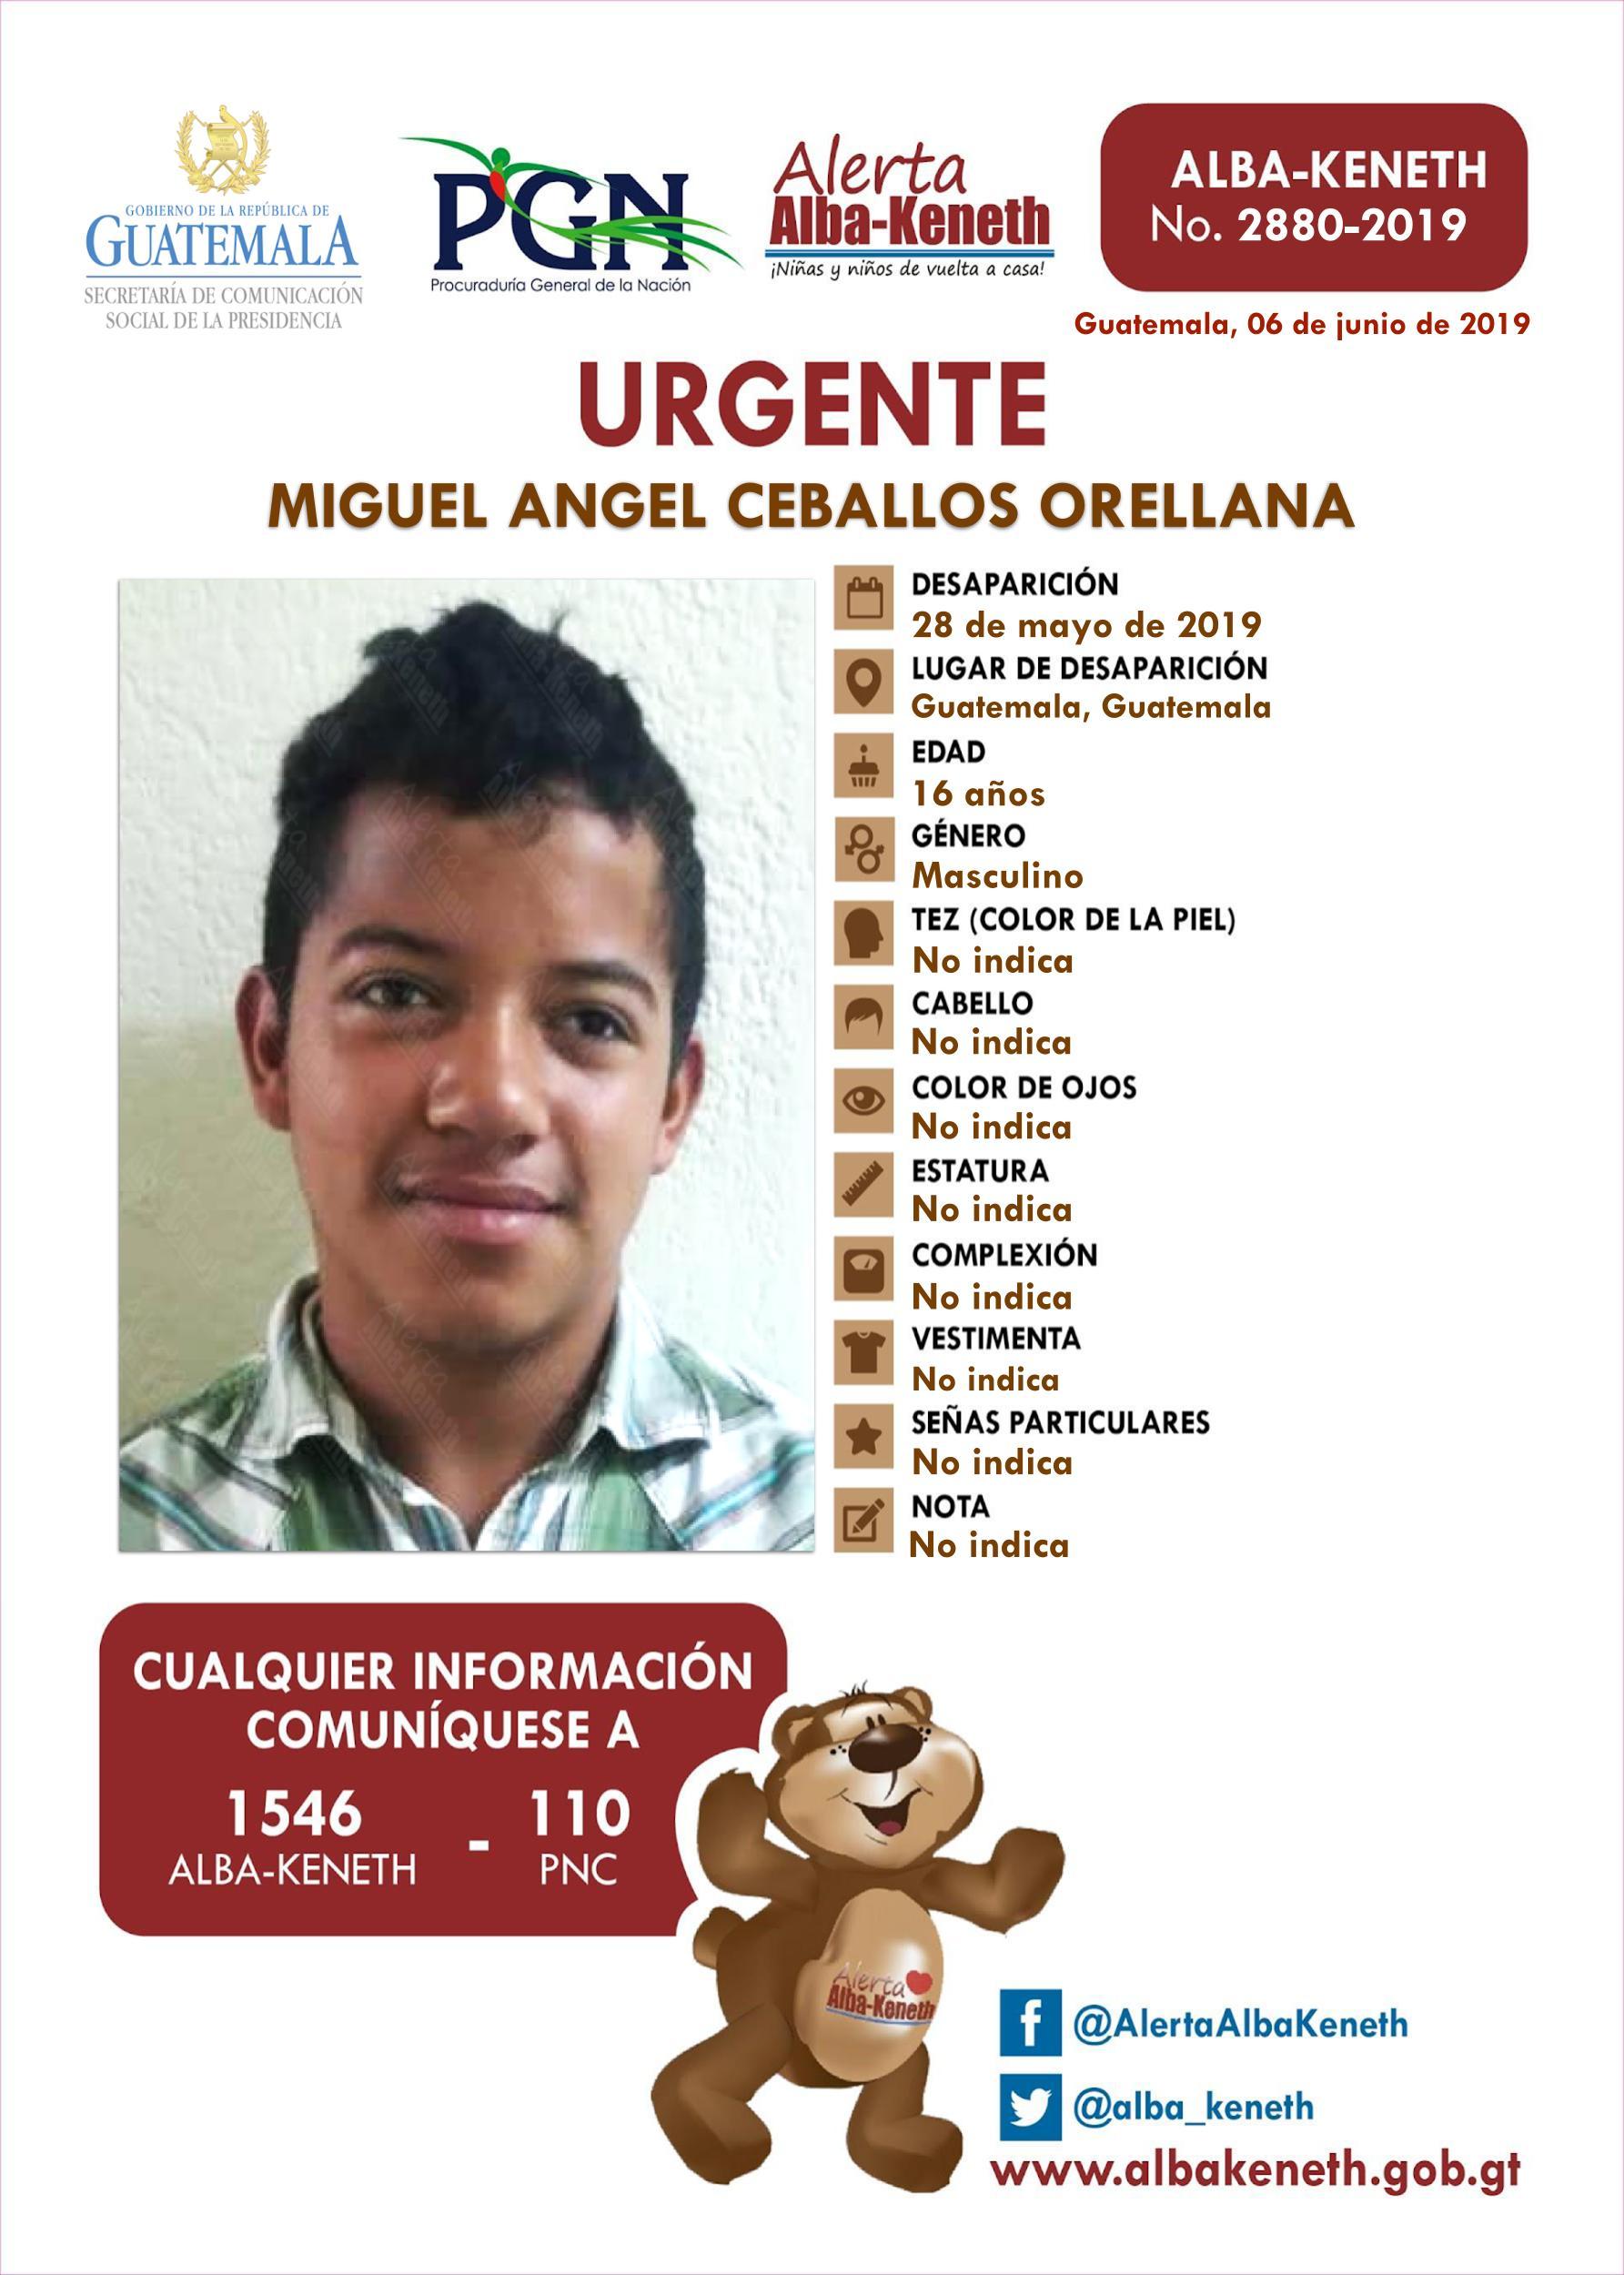 Miguel Angel Ceballos Orellana